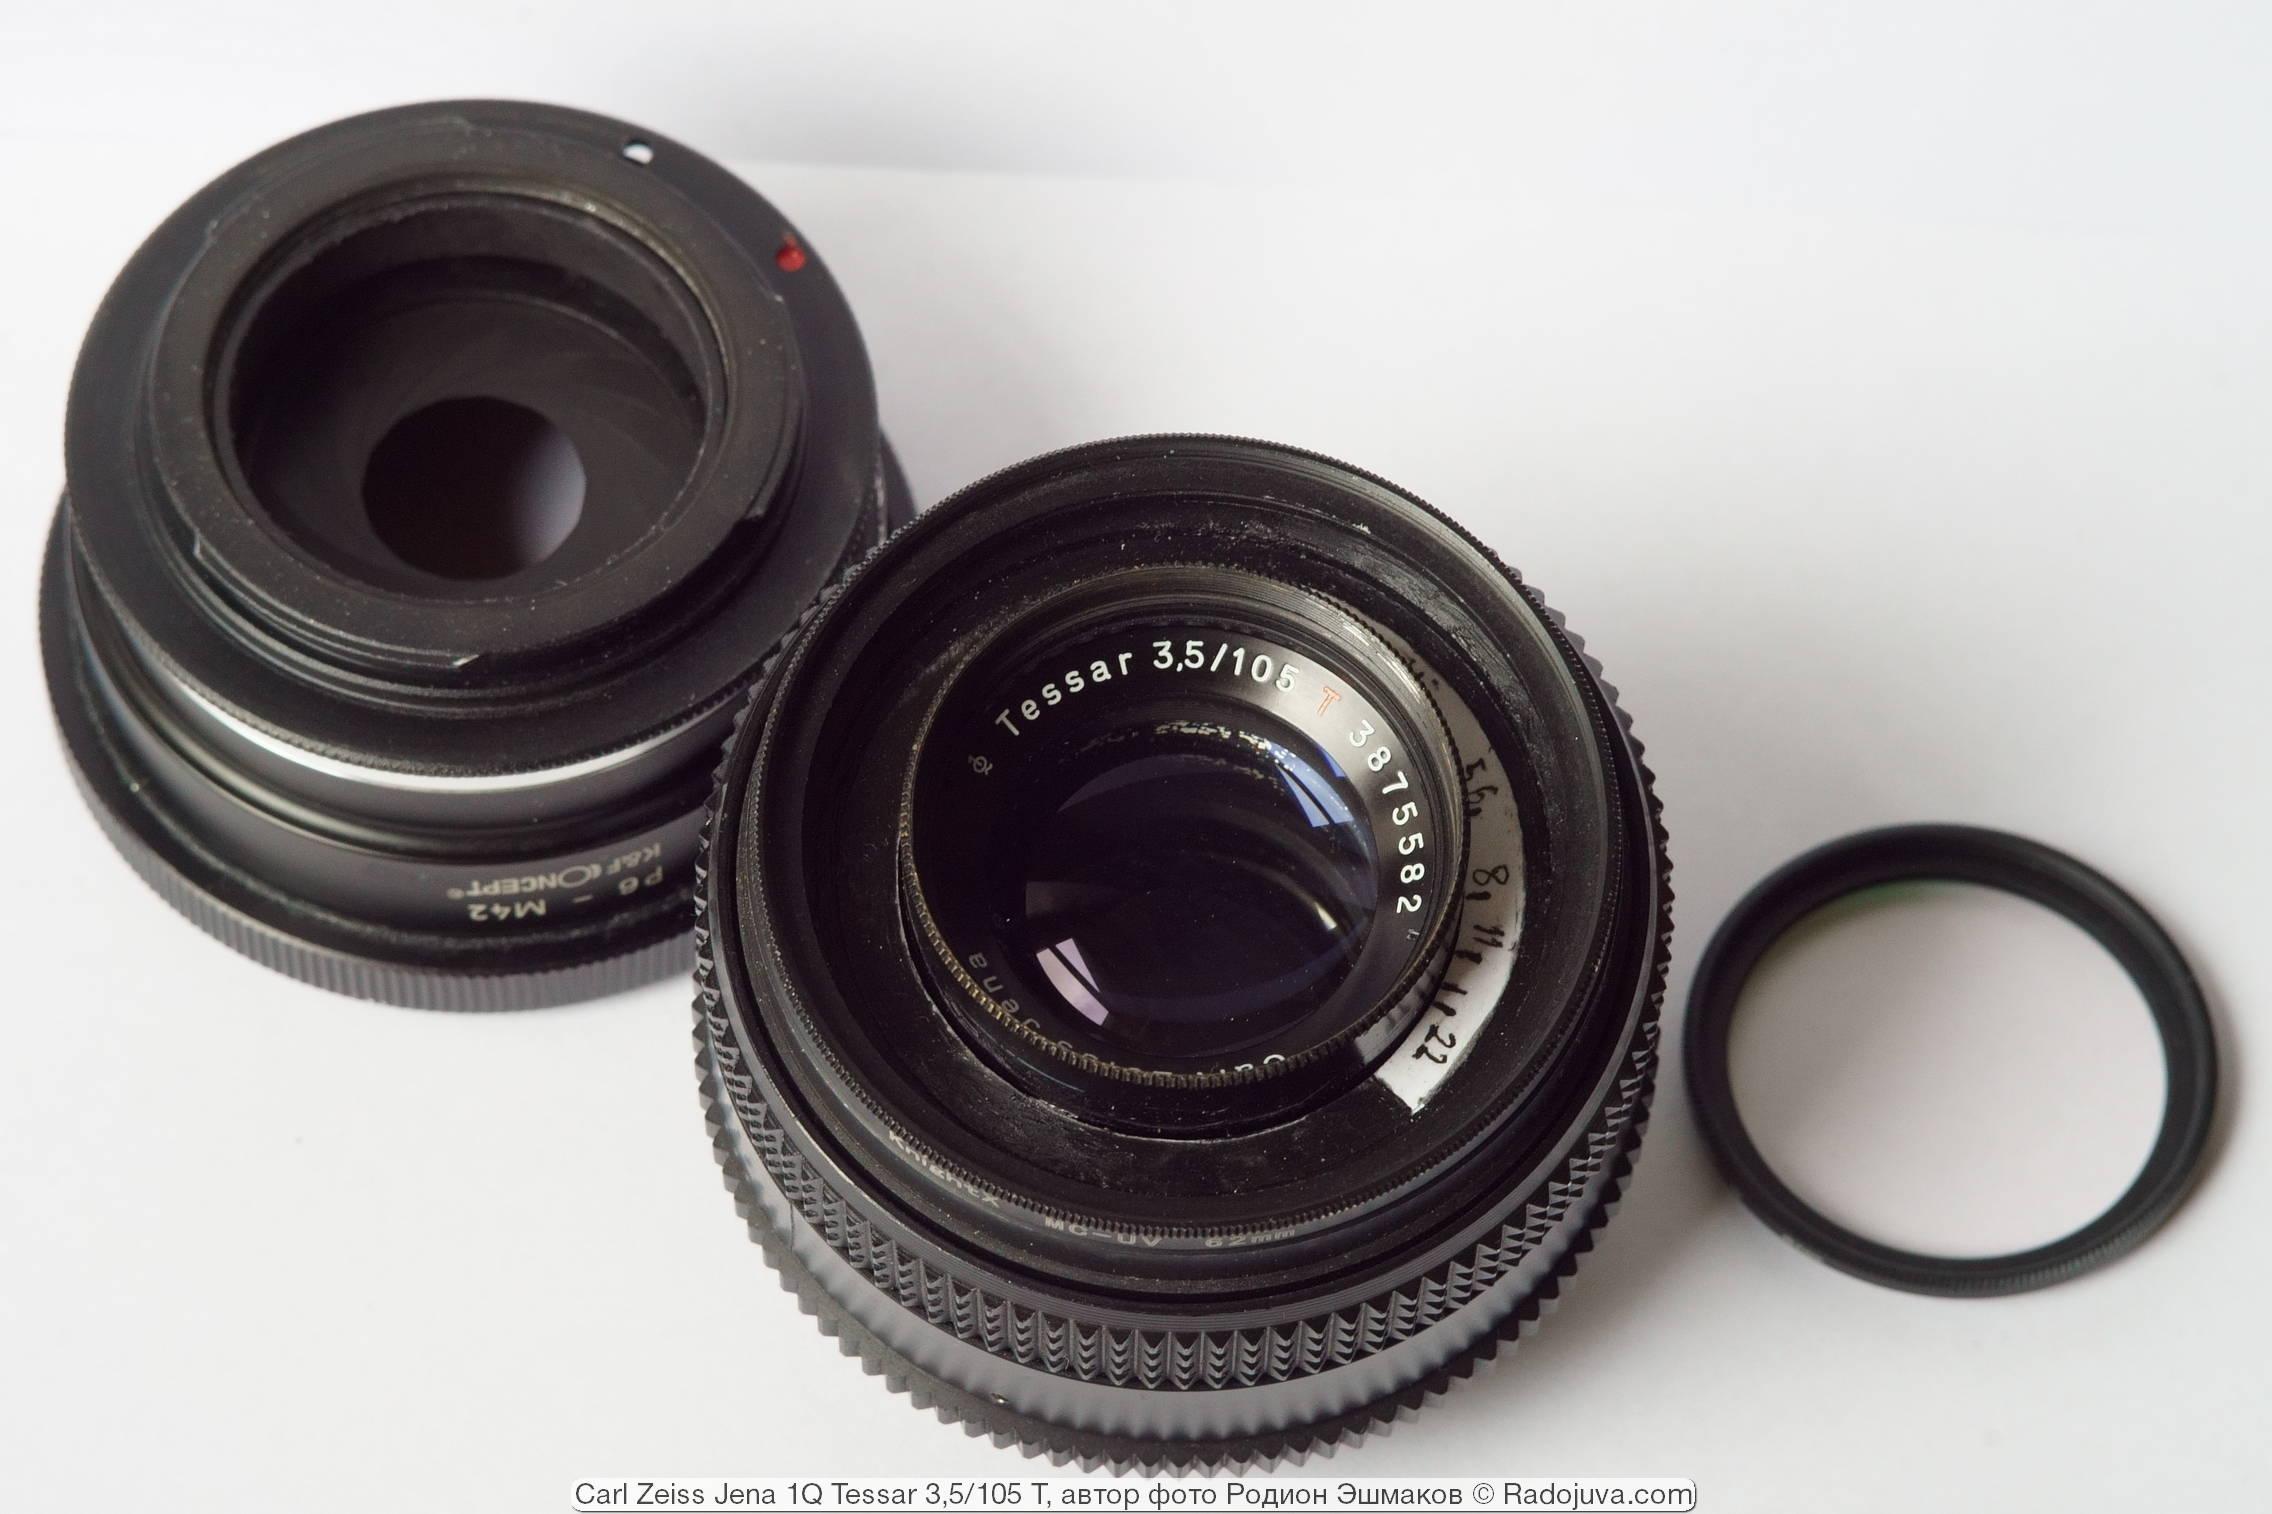 Вид адаптированного объектива с адаптерами P6-M42